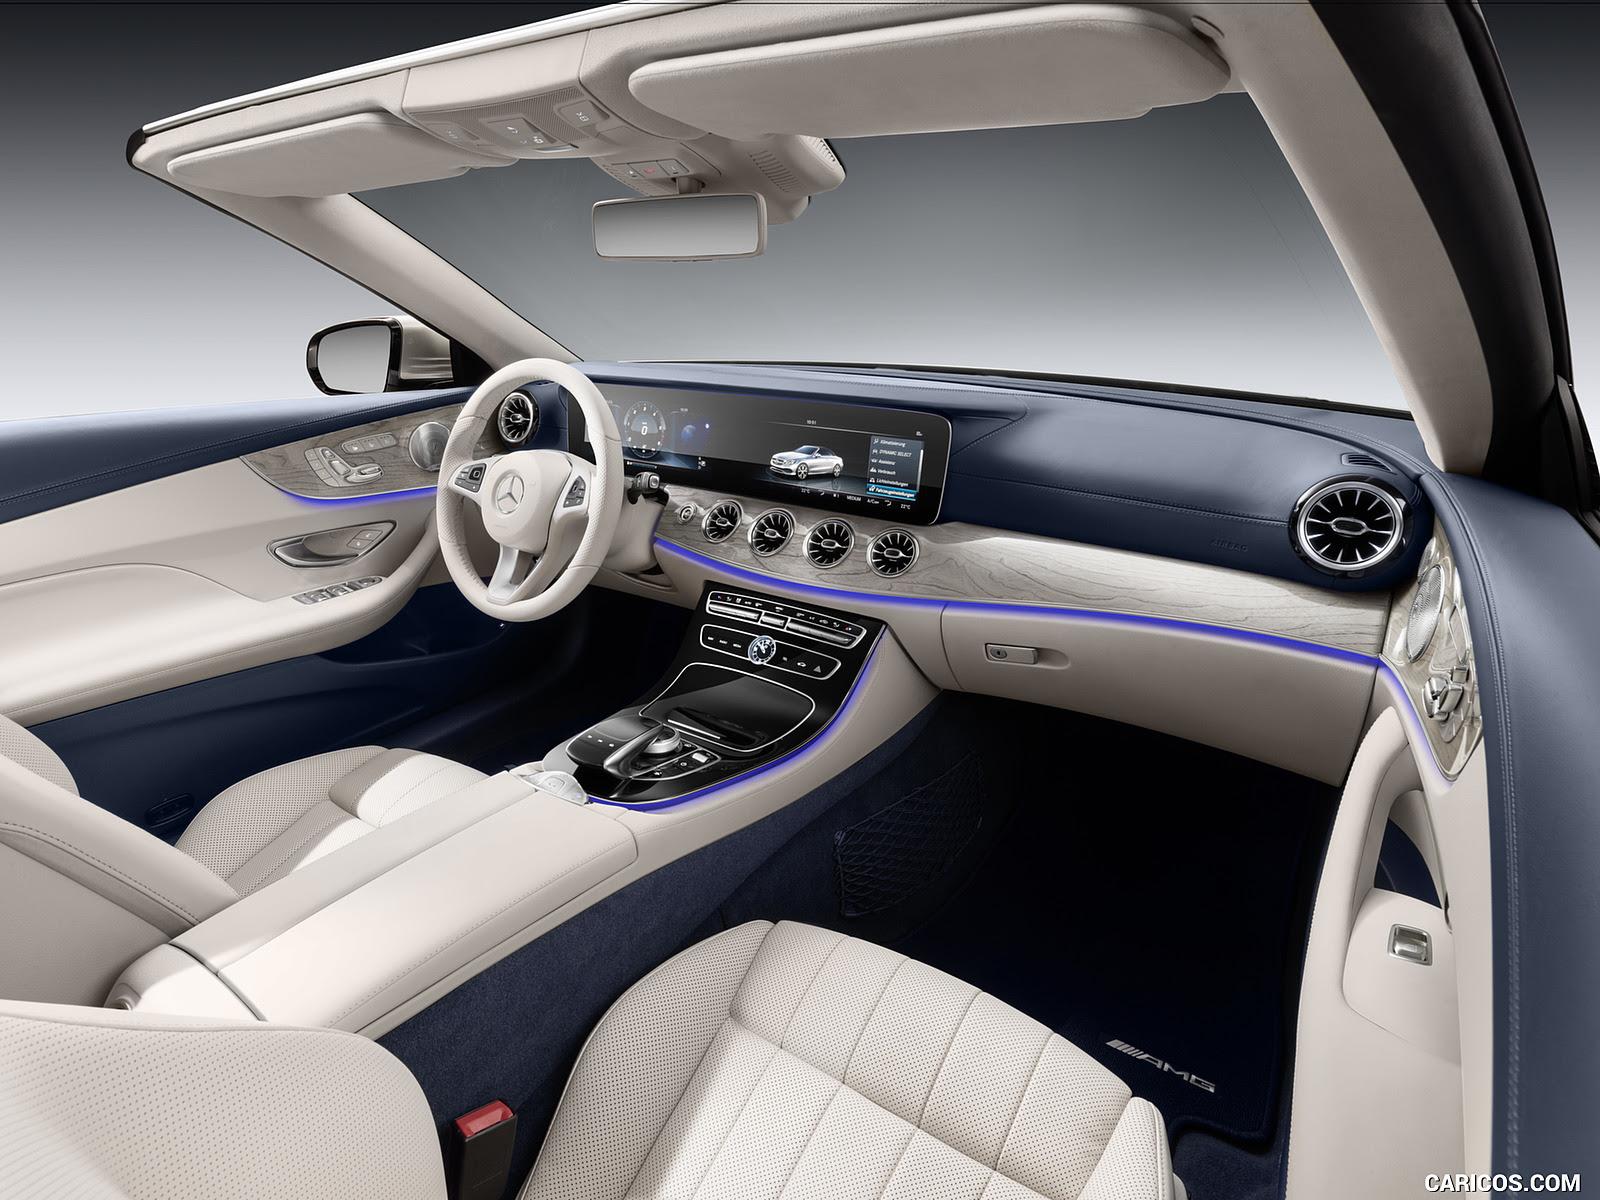 2018 Mercedes-Benz E-Class Cabrio - Yacht Blue / Macchiato Beige Interior   HD Wallpaper #81